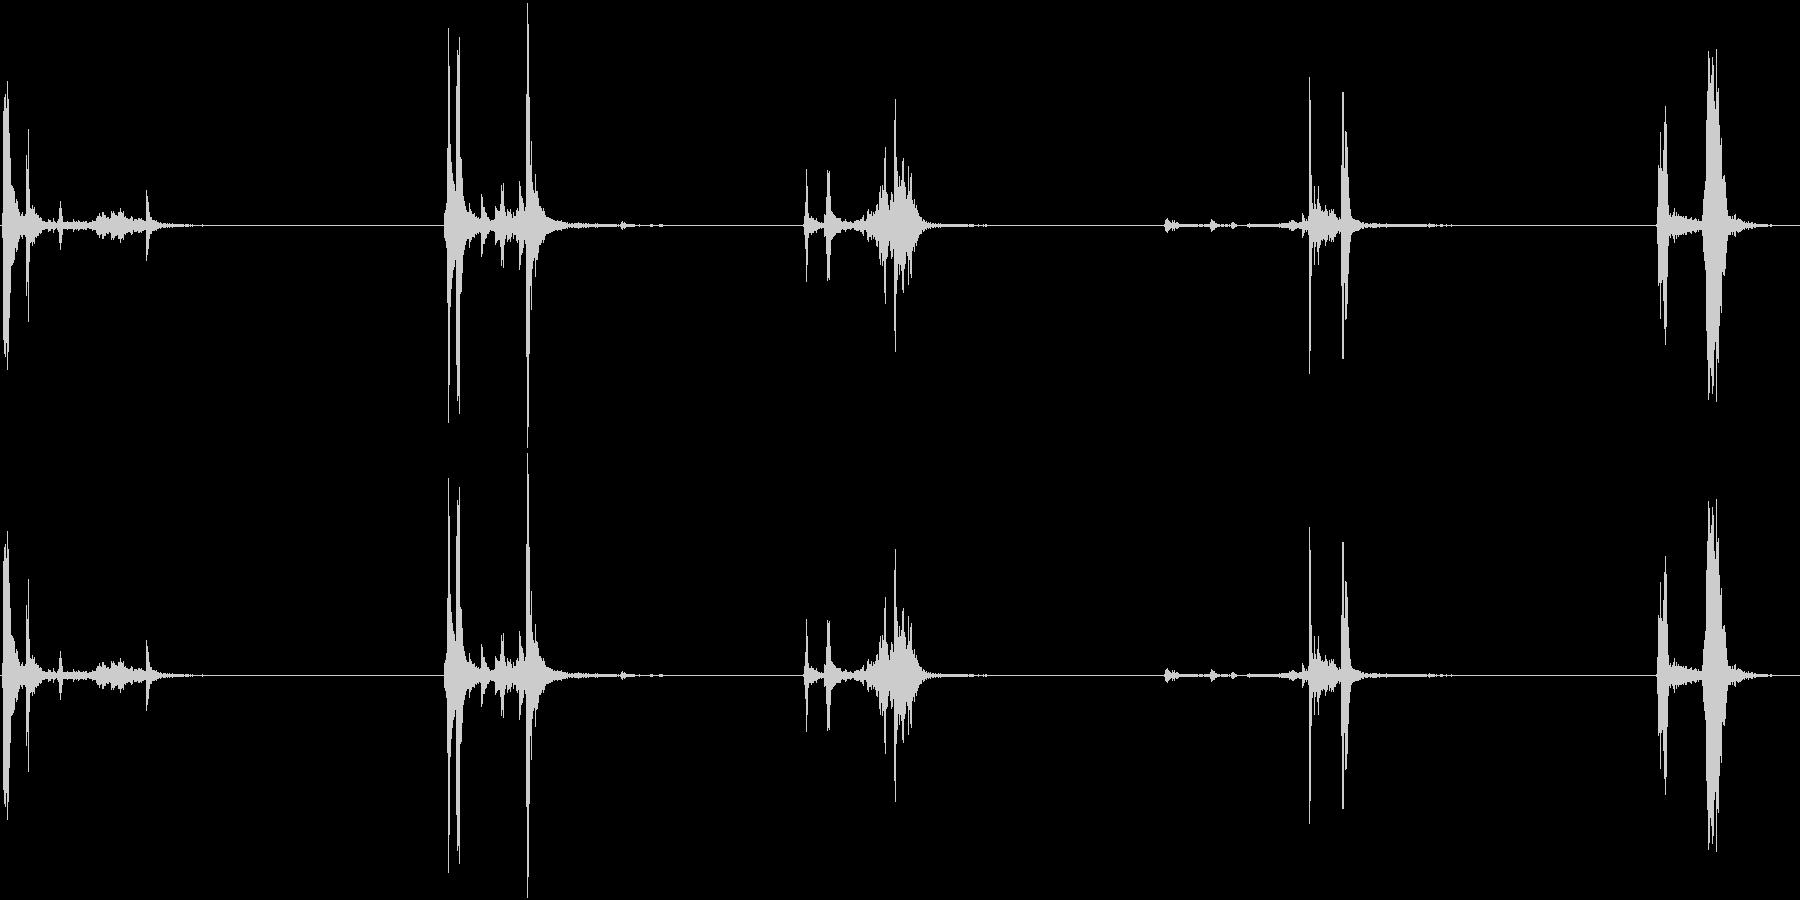 キュッキュッ(小さめの水筒を閉める音)2の未再生の波形